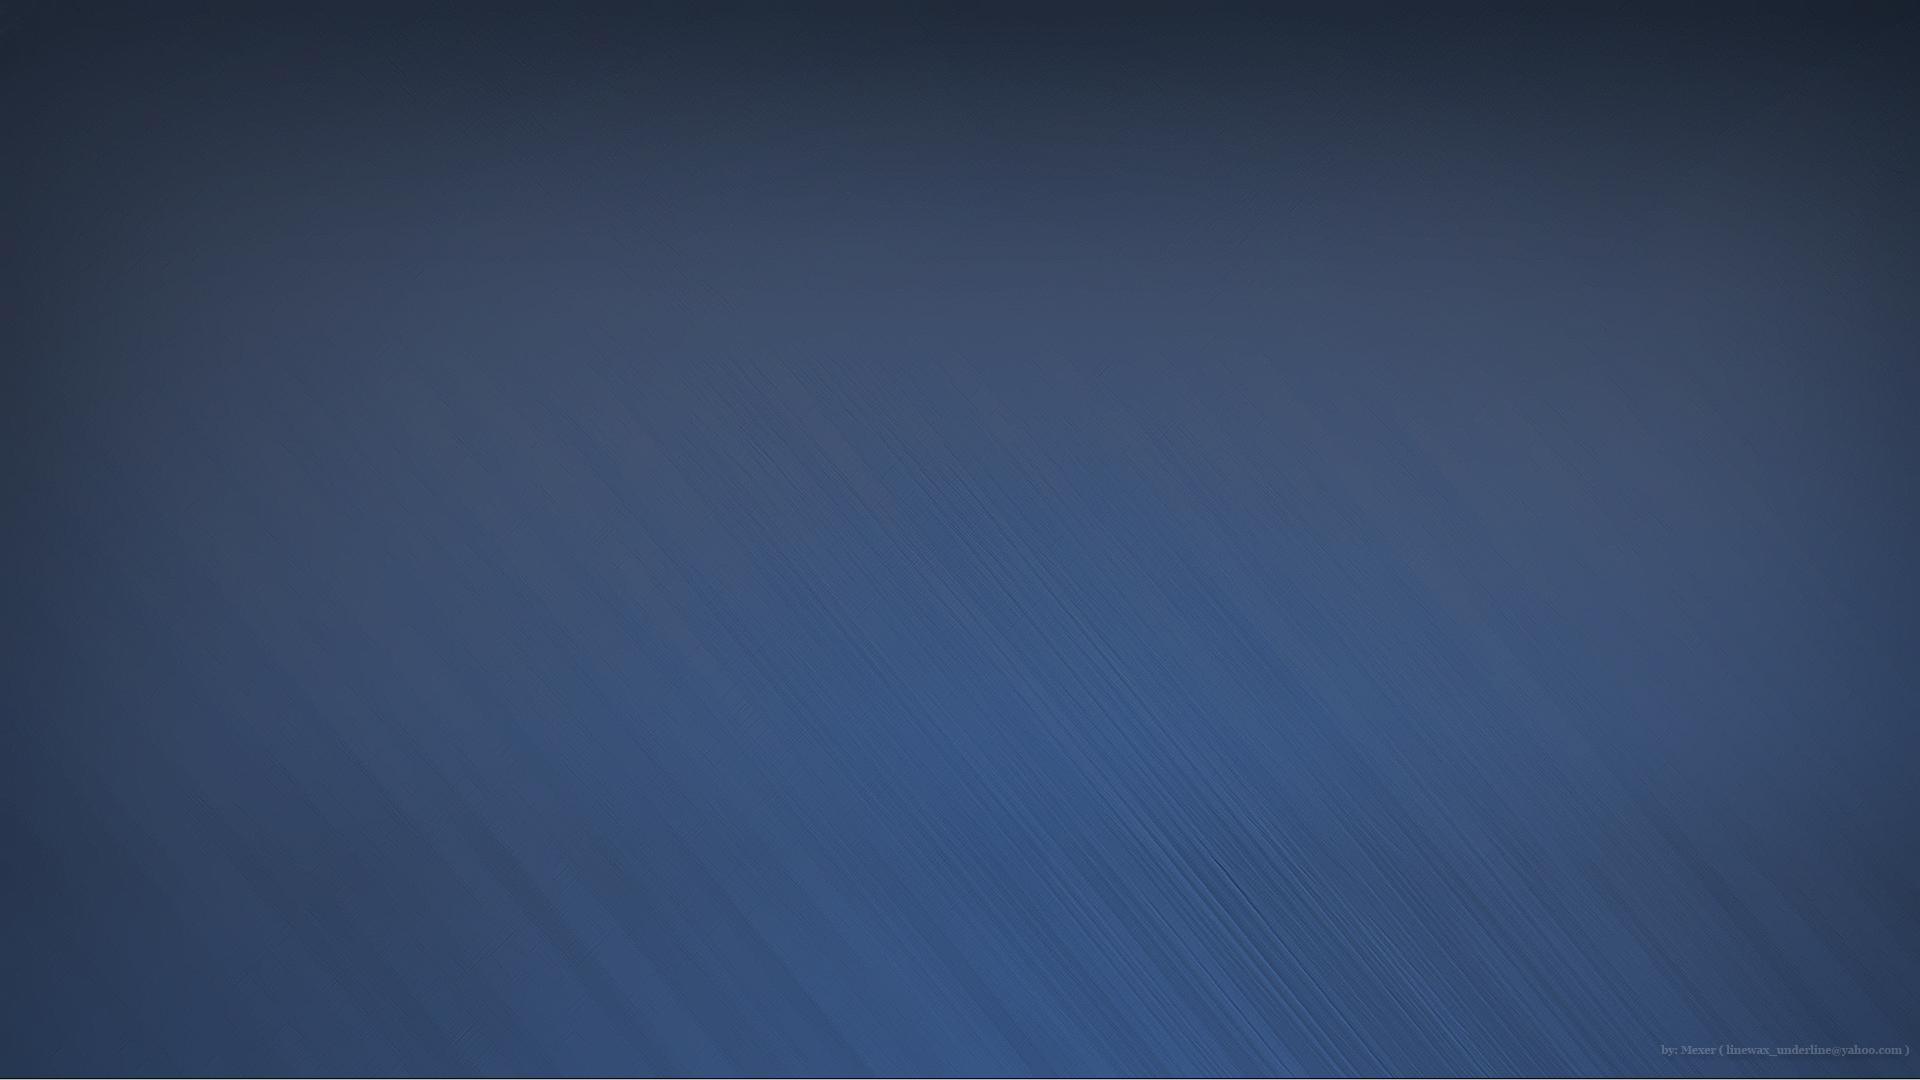 青い壁紙シンプル シンプルな色の壁紙 19x1080 Wallpapertip